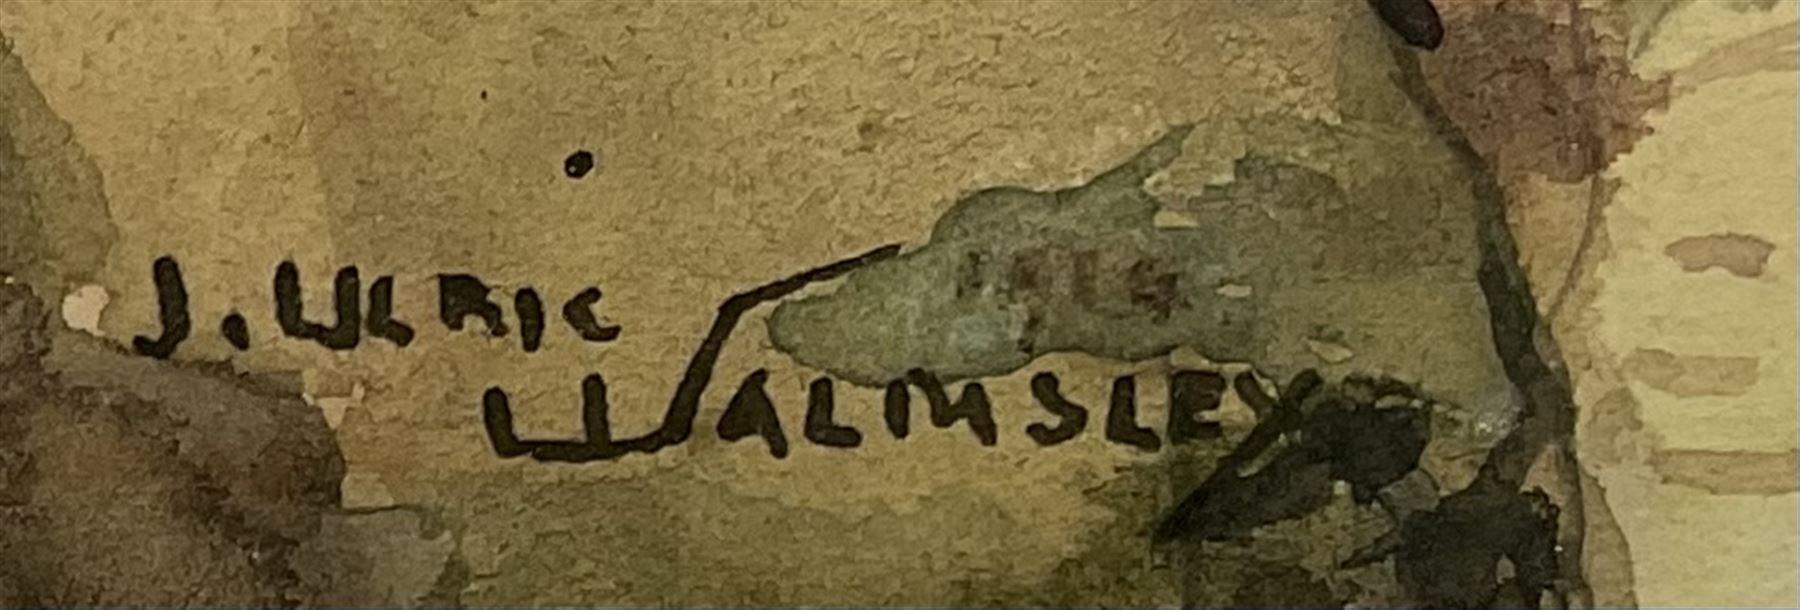 James Ulric Walmsley (British 1860-1954): Cliffs at Flamborough Head - Image 2 of 4